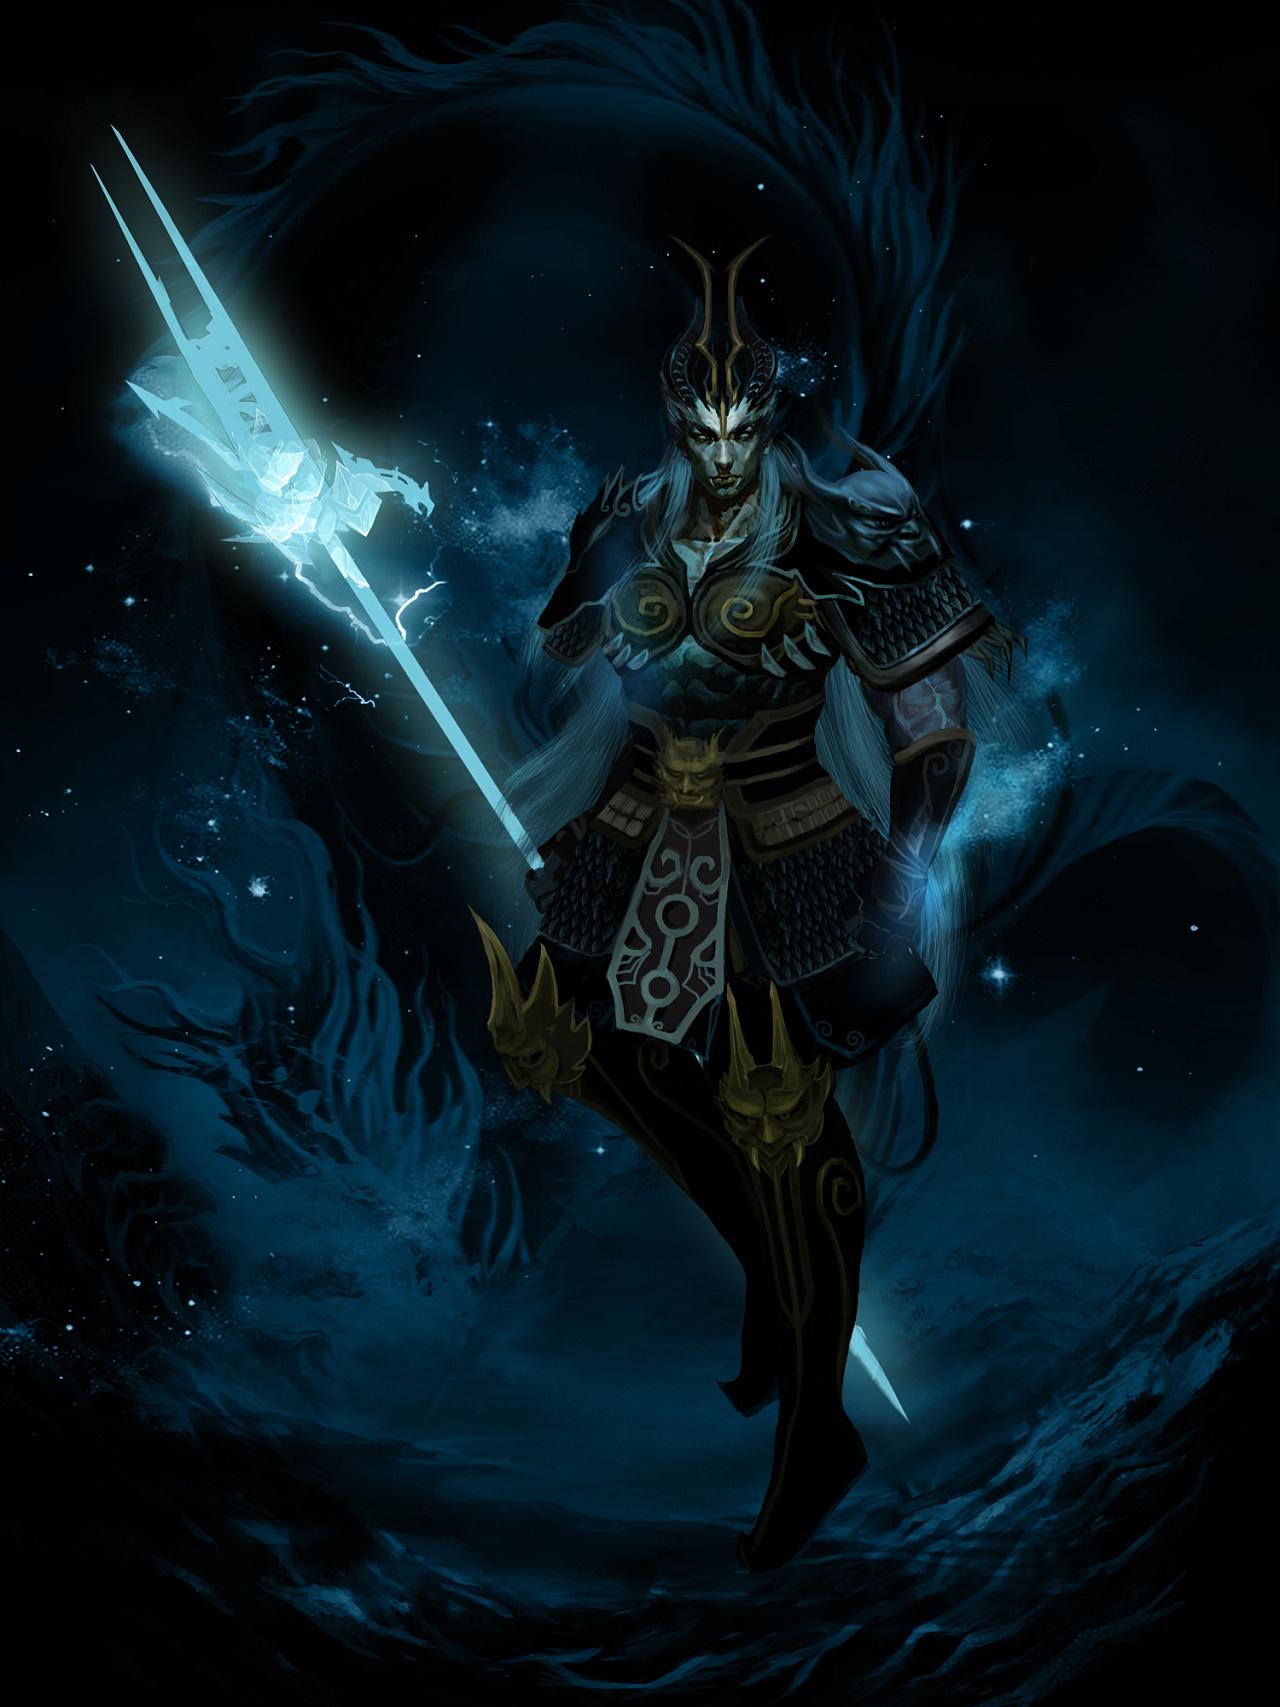 深海的黑暗势力大举入侵,身为海族的王.它召唤出冥力量.